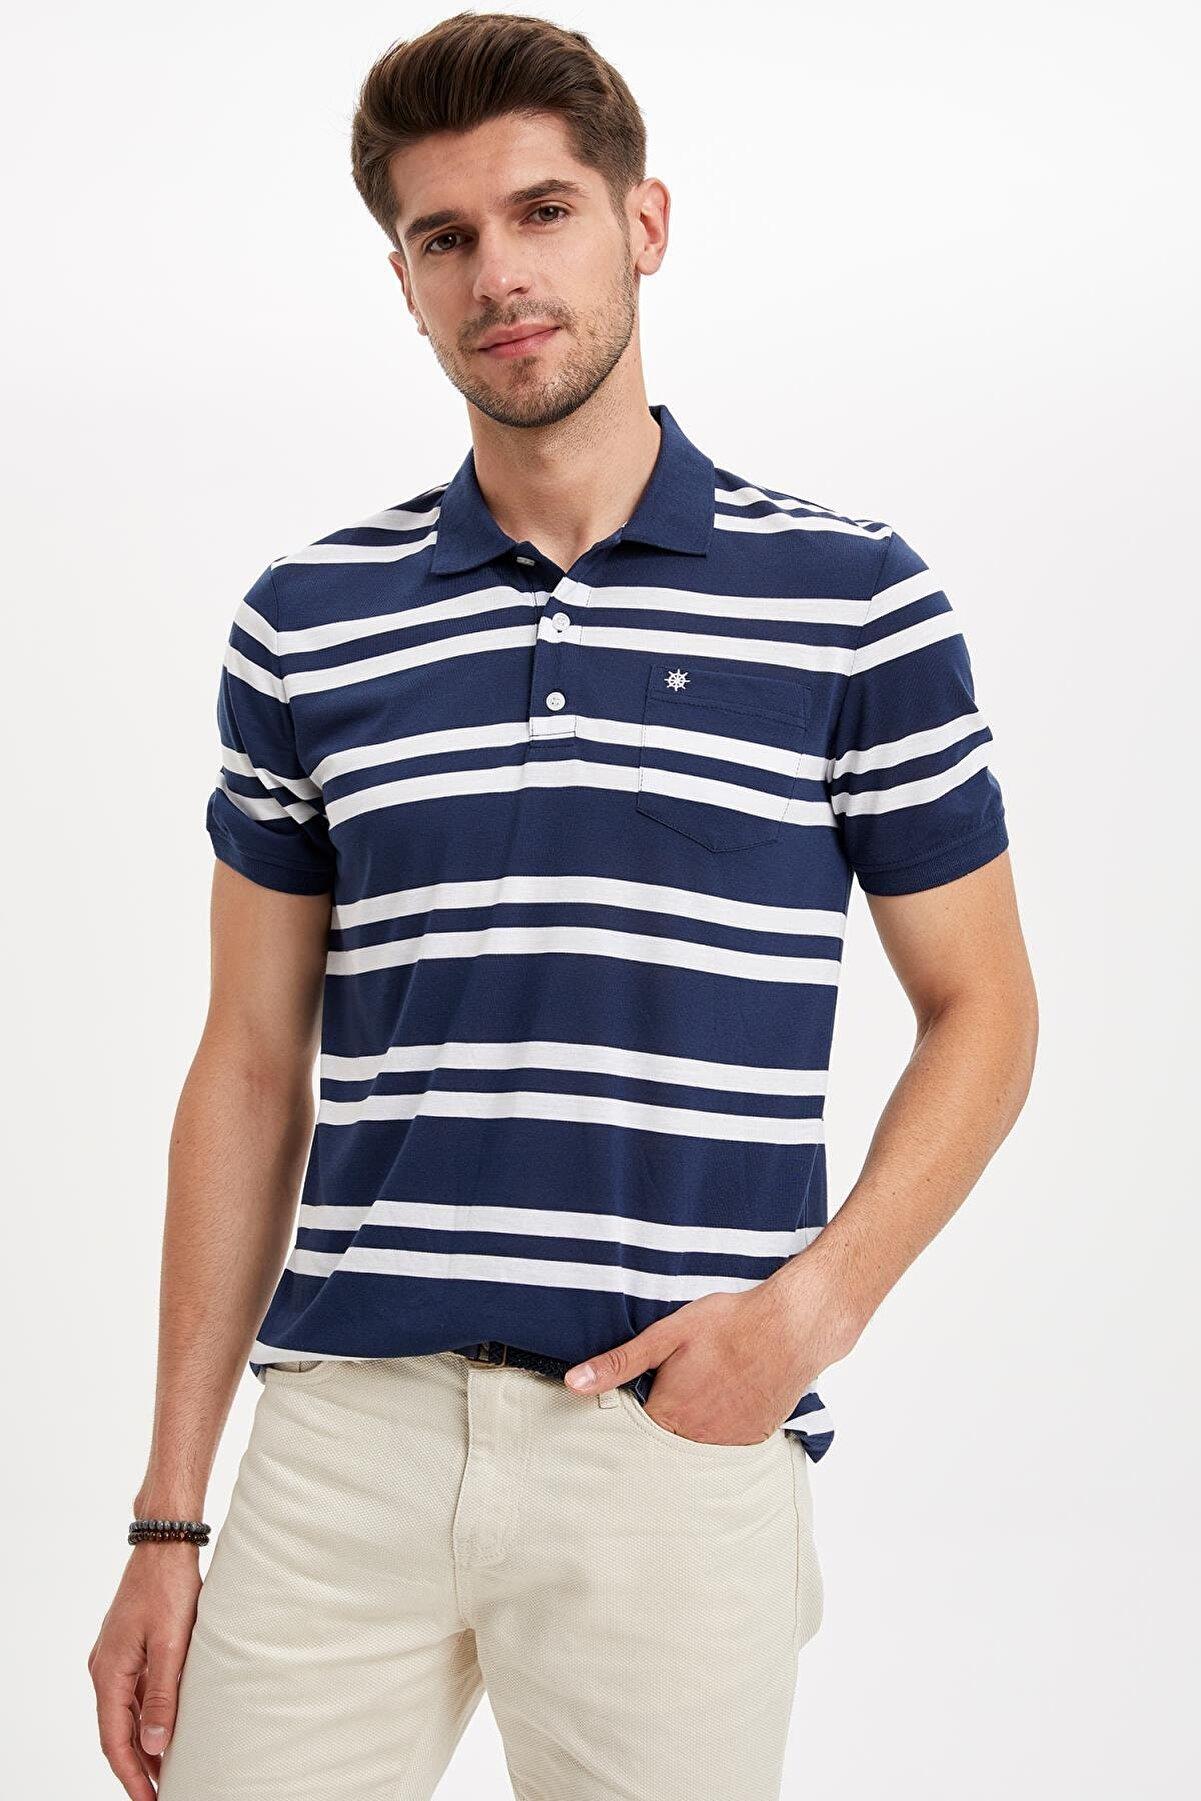 Defacto Erkek İndigo Regular Fit Polo Yaka Çizgili Kısa Kollu Tişört